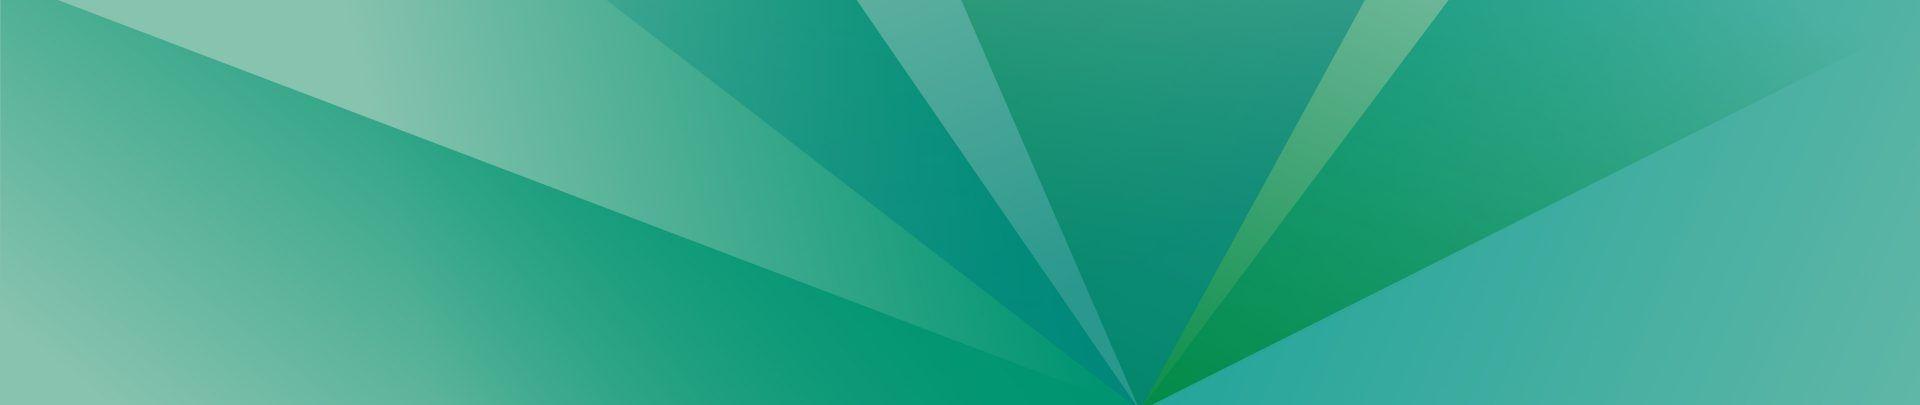 Grafik: Grüner Fächer